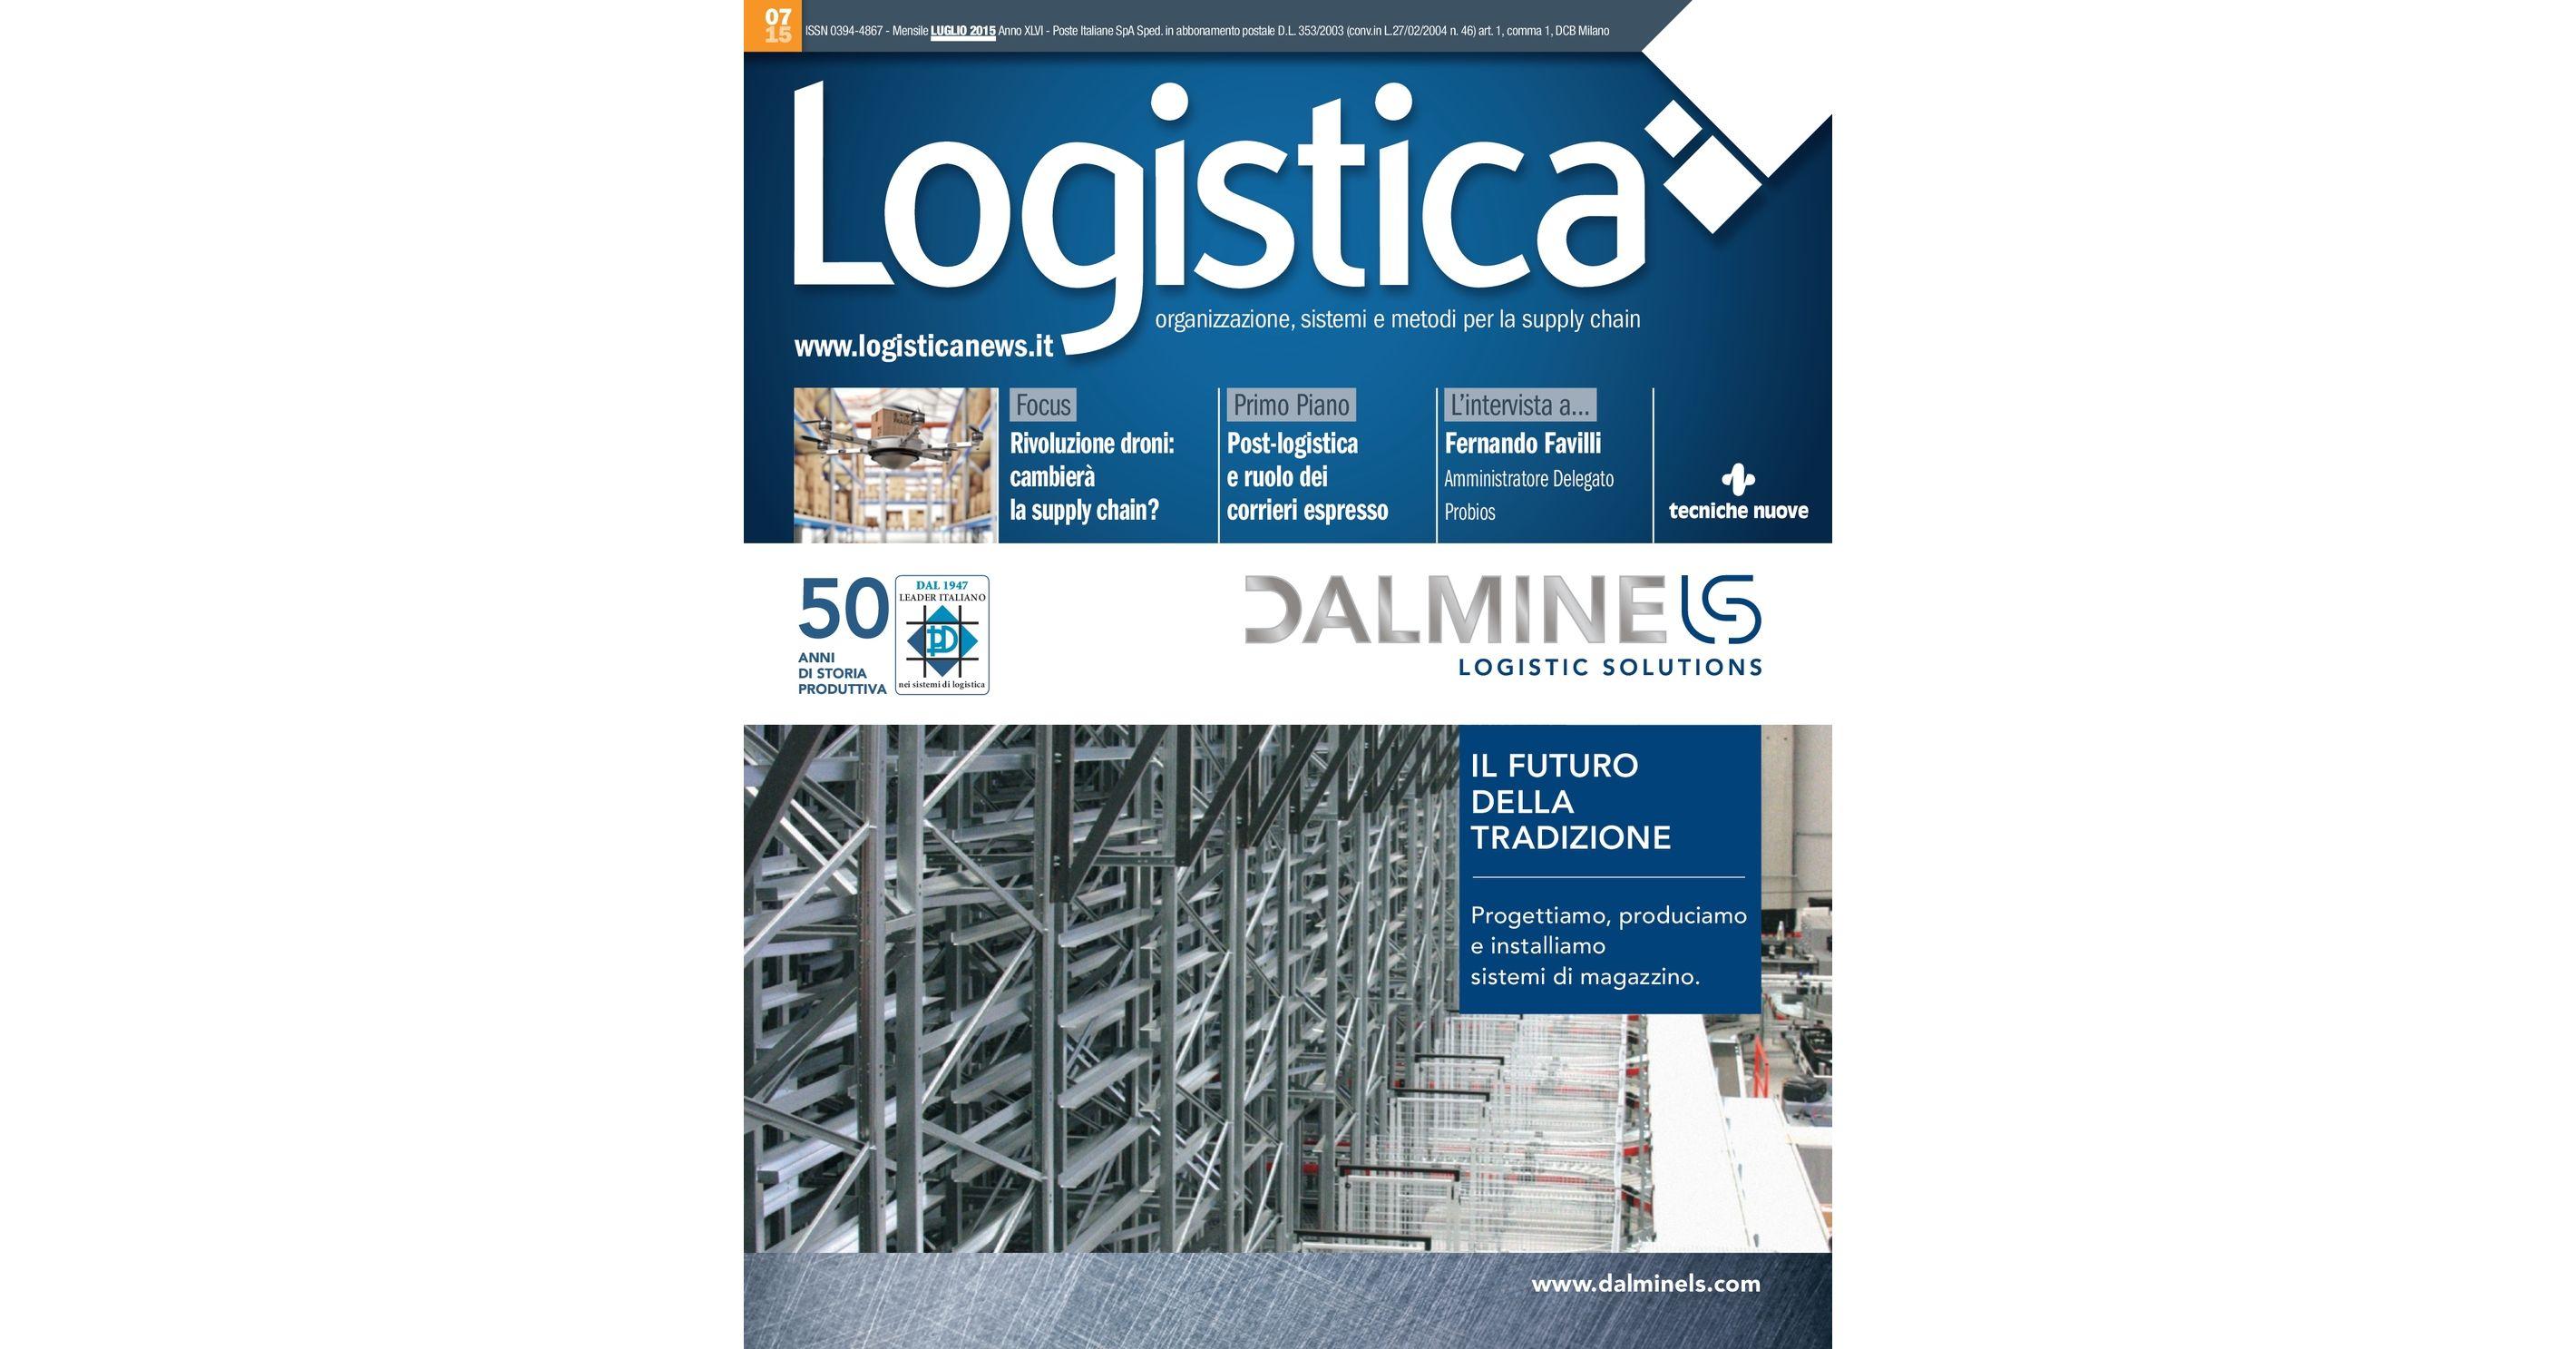 Schemi Elettrici Hormann : Logistica 07 2015